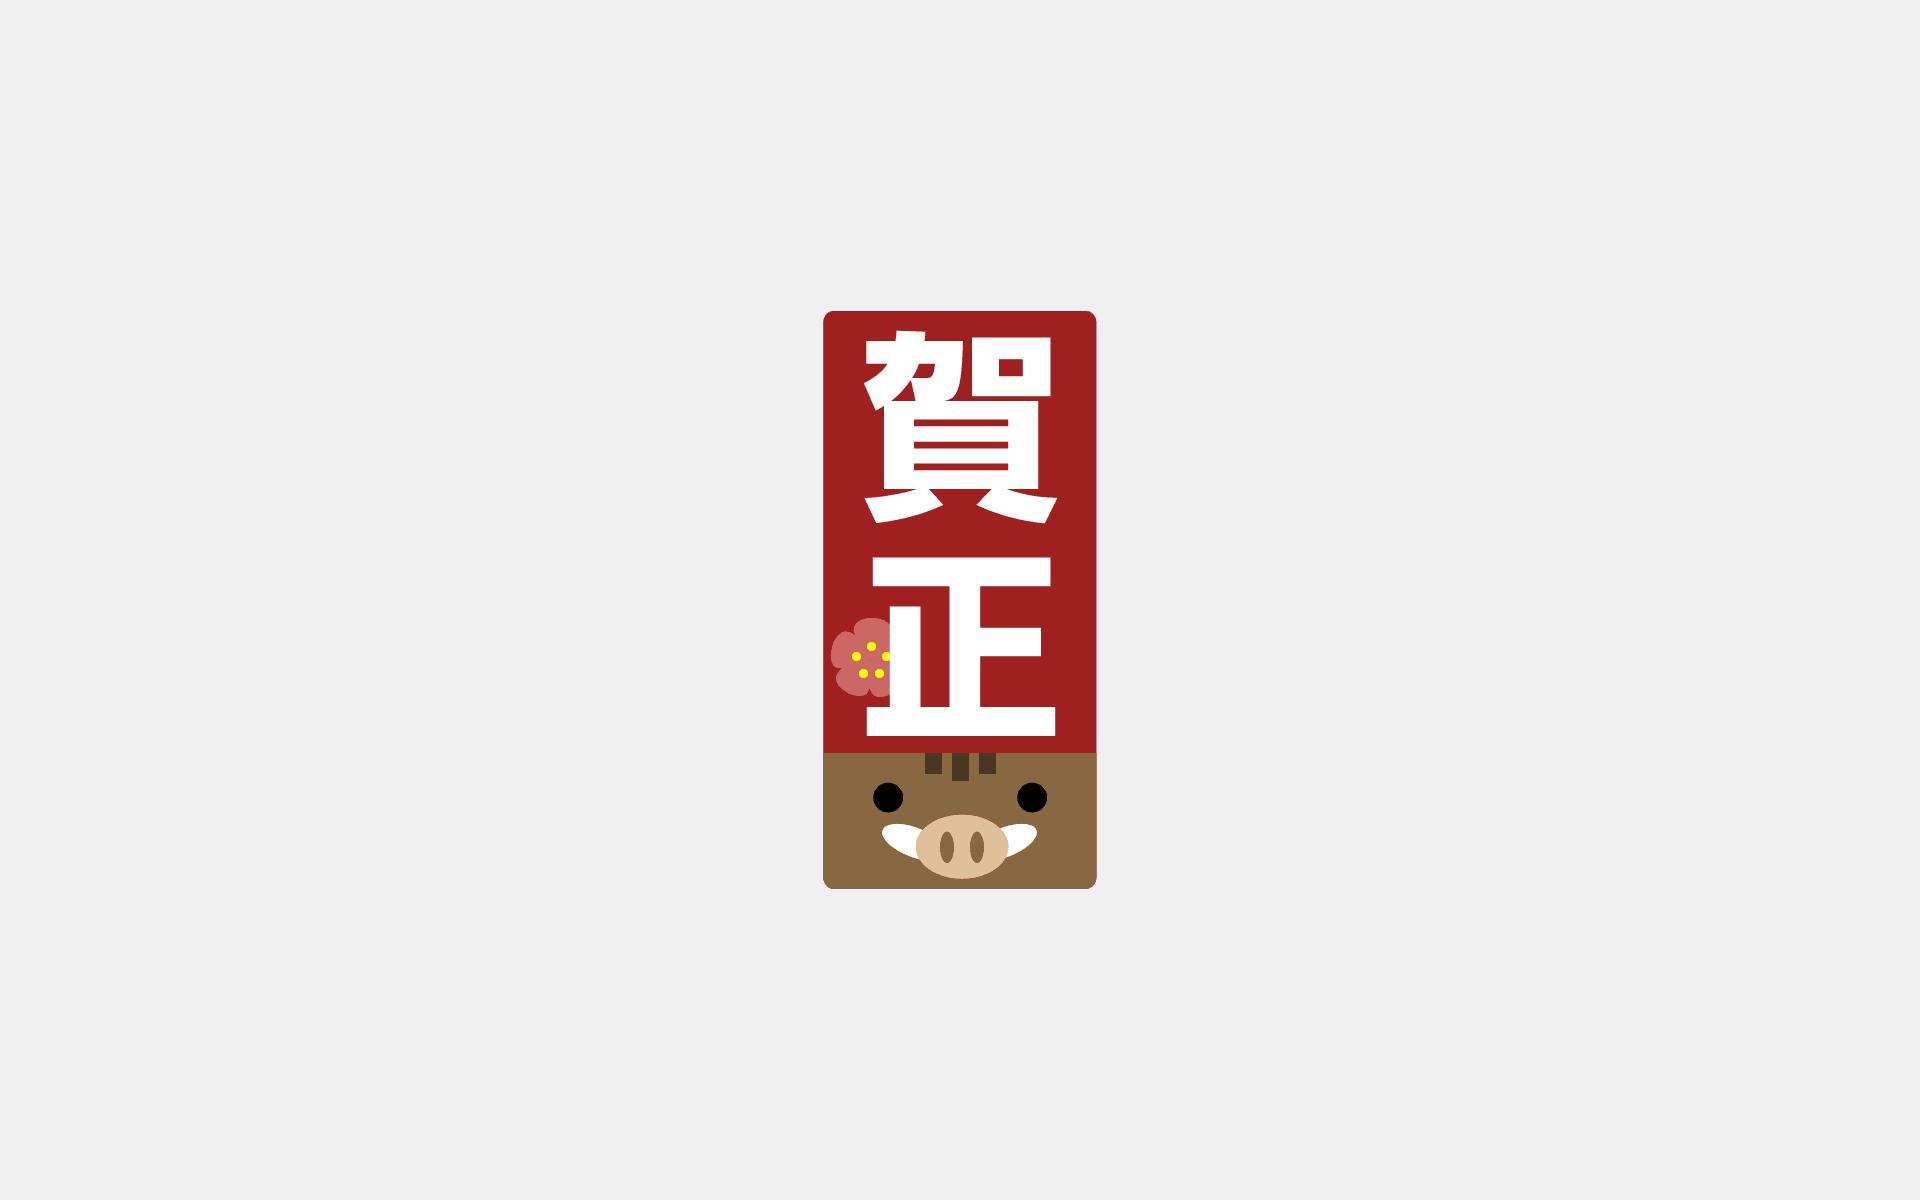 2019年、KEN-G.COMより新年のご挨拶